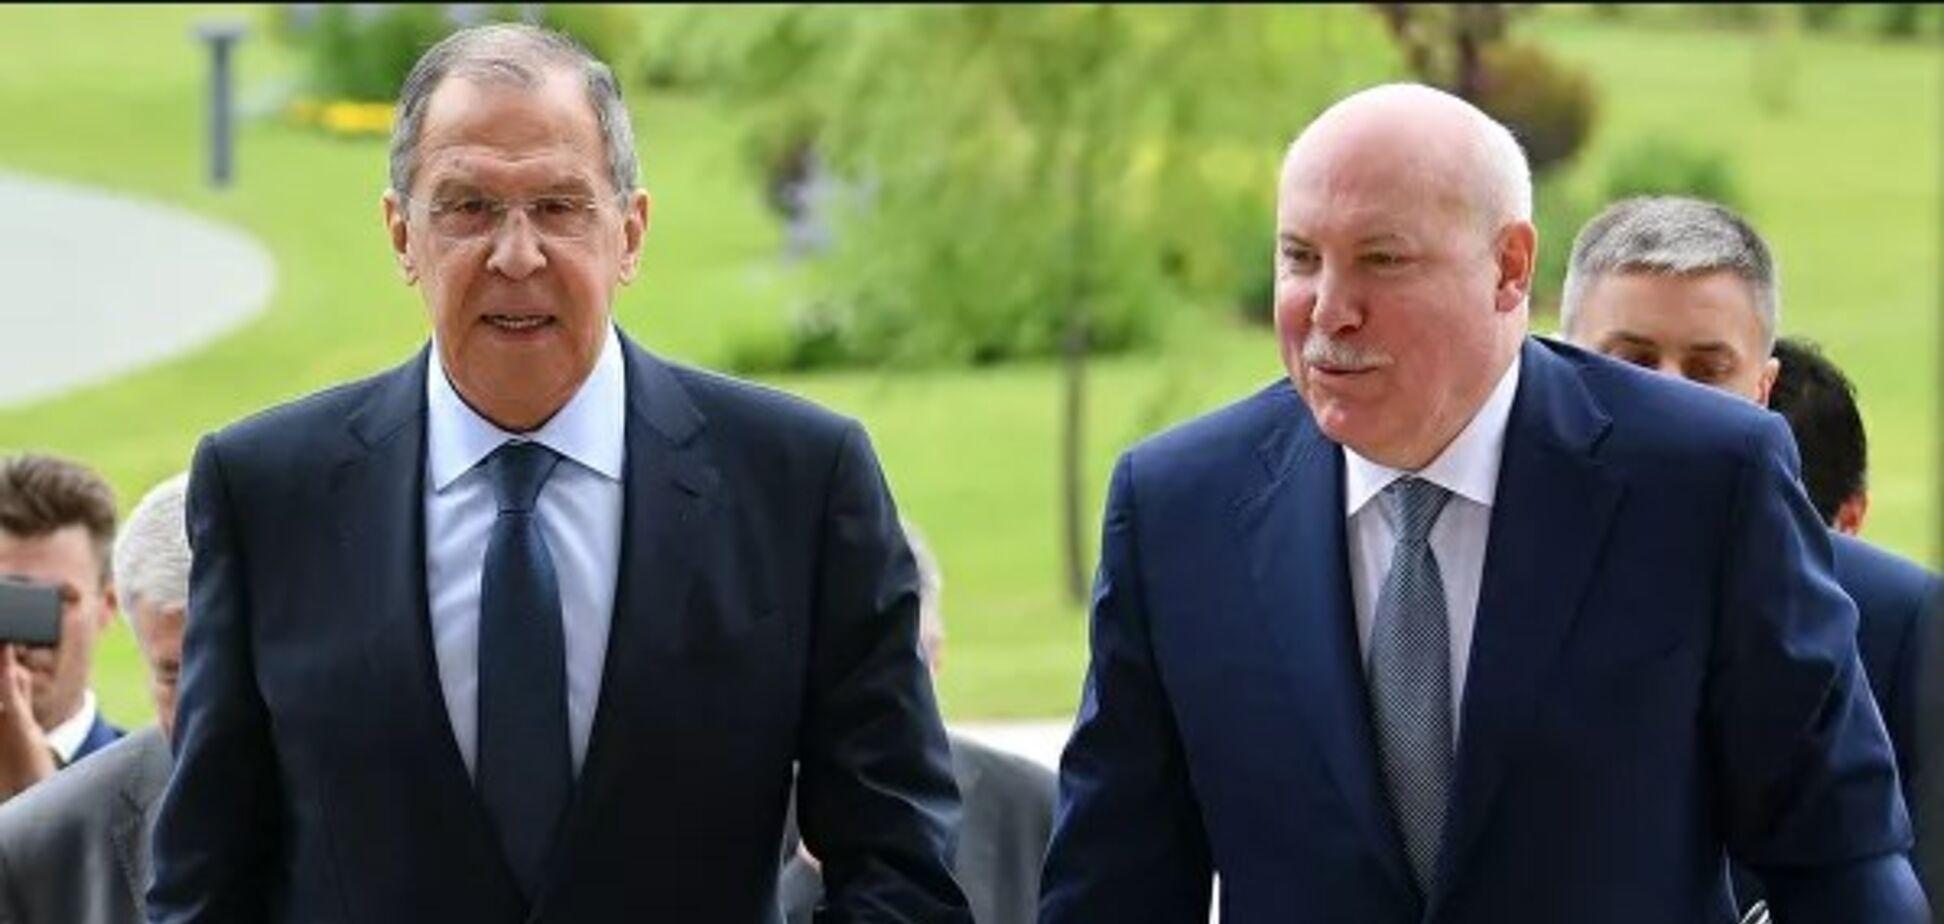 Вояж Лаврова в Беларусь: сглаживание углов нарастающей конфронтации